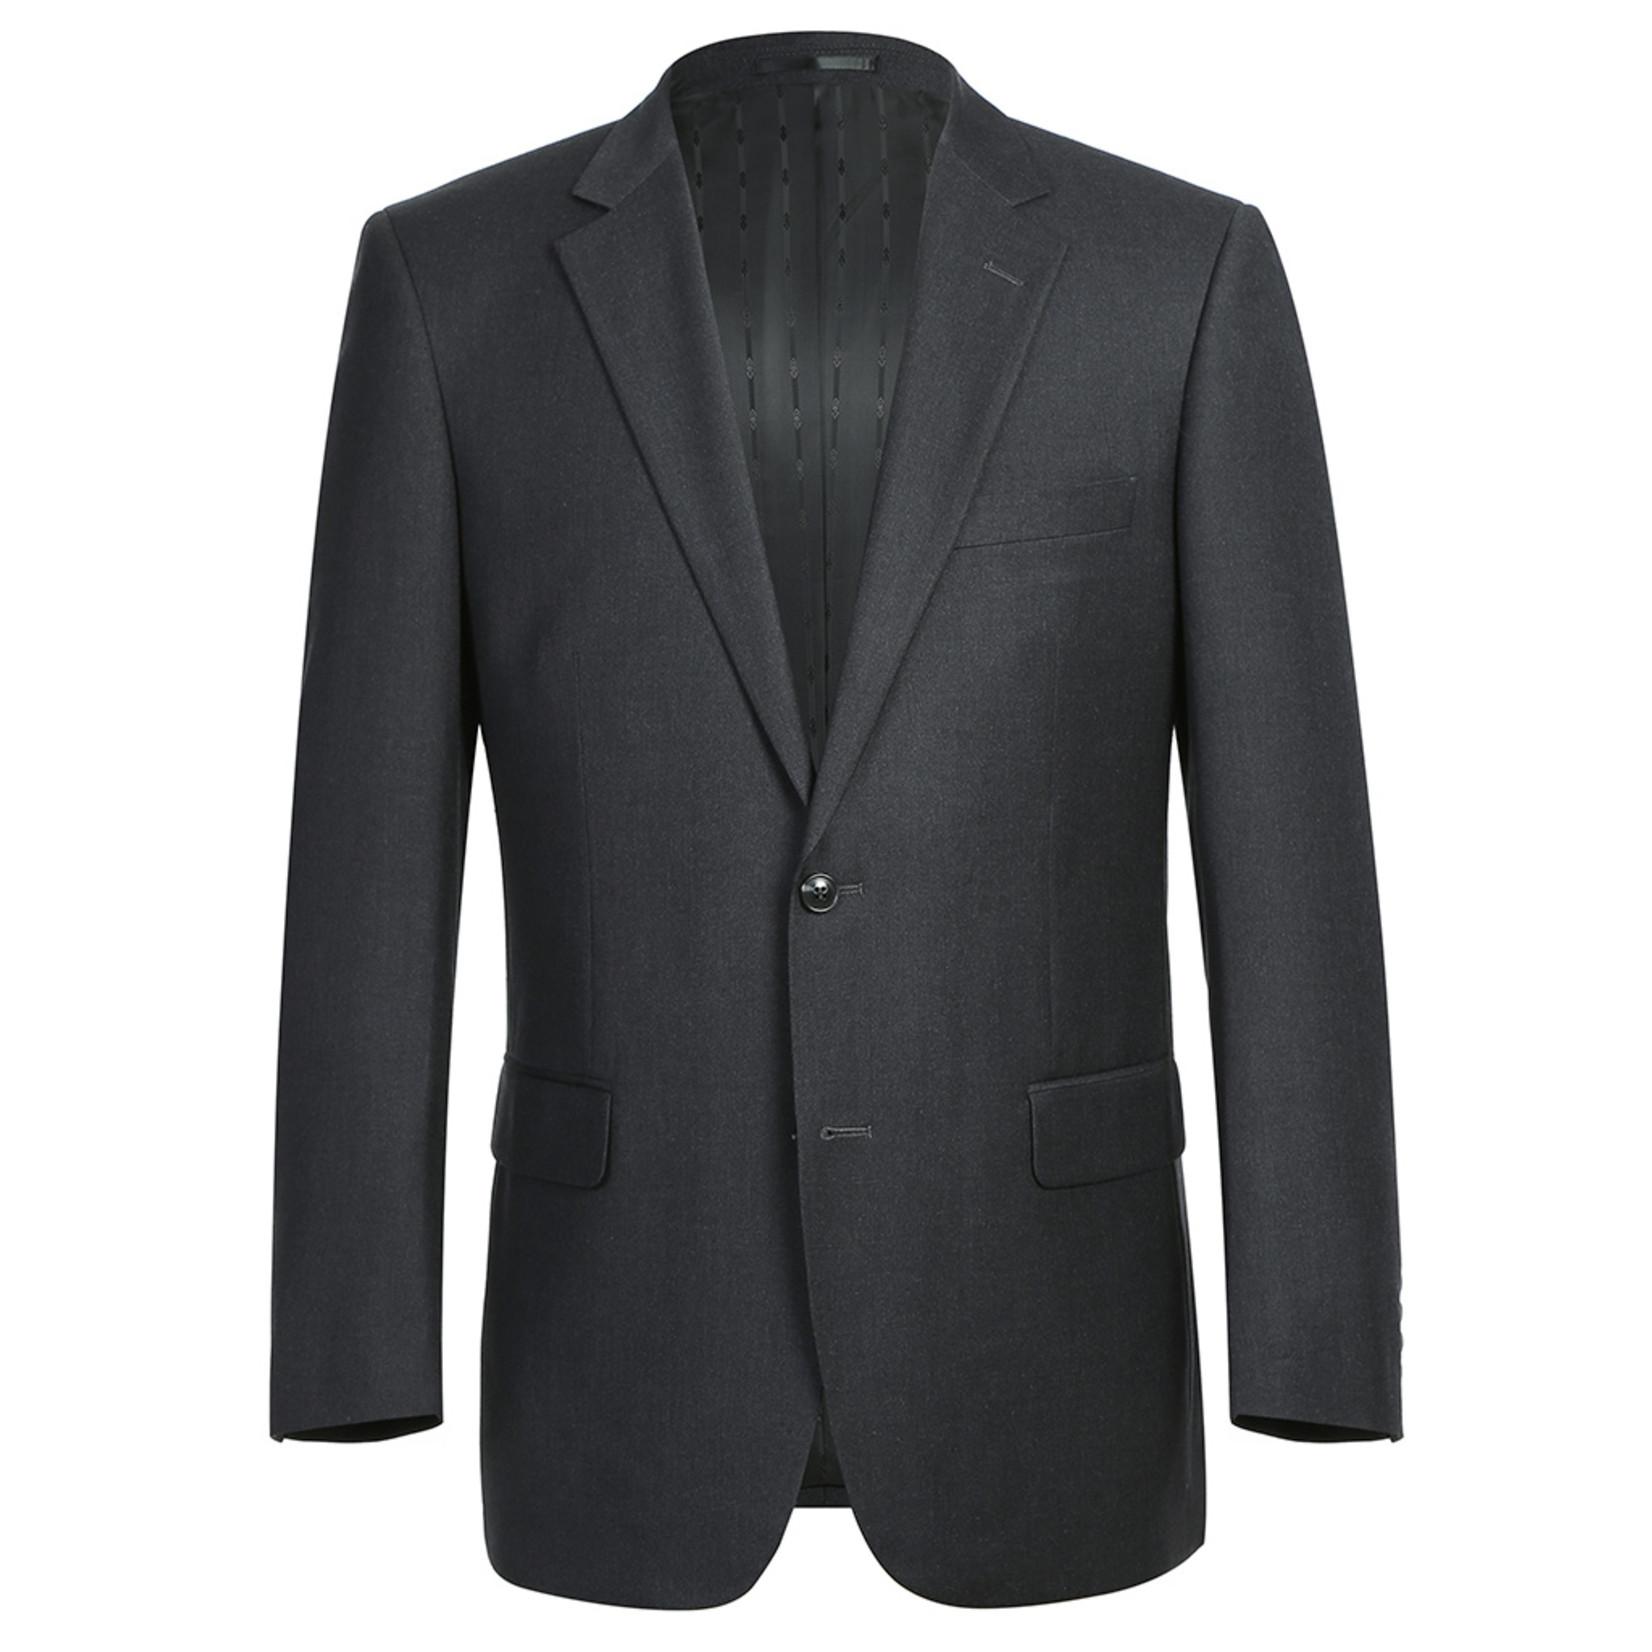 Renoir Renoir Classic Fit Suit 202-1 Charcoal